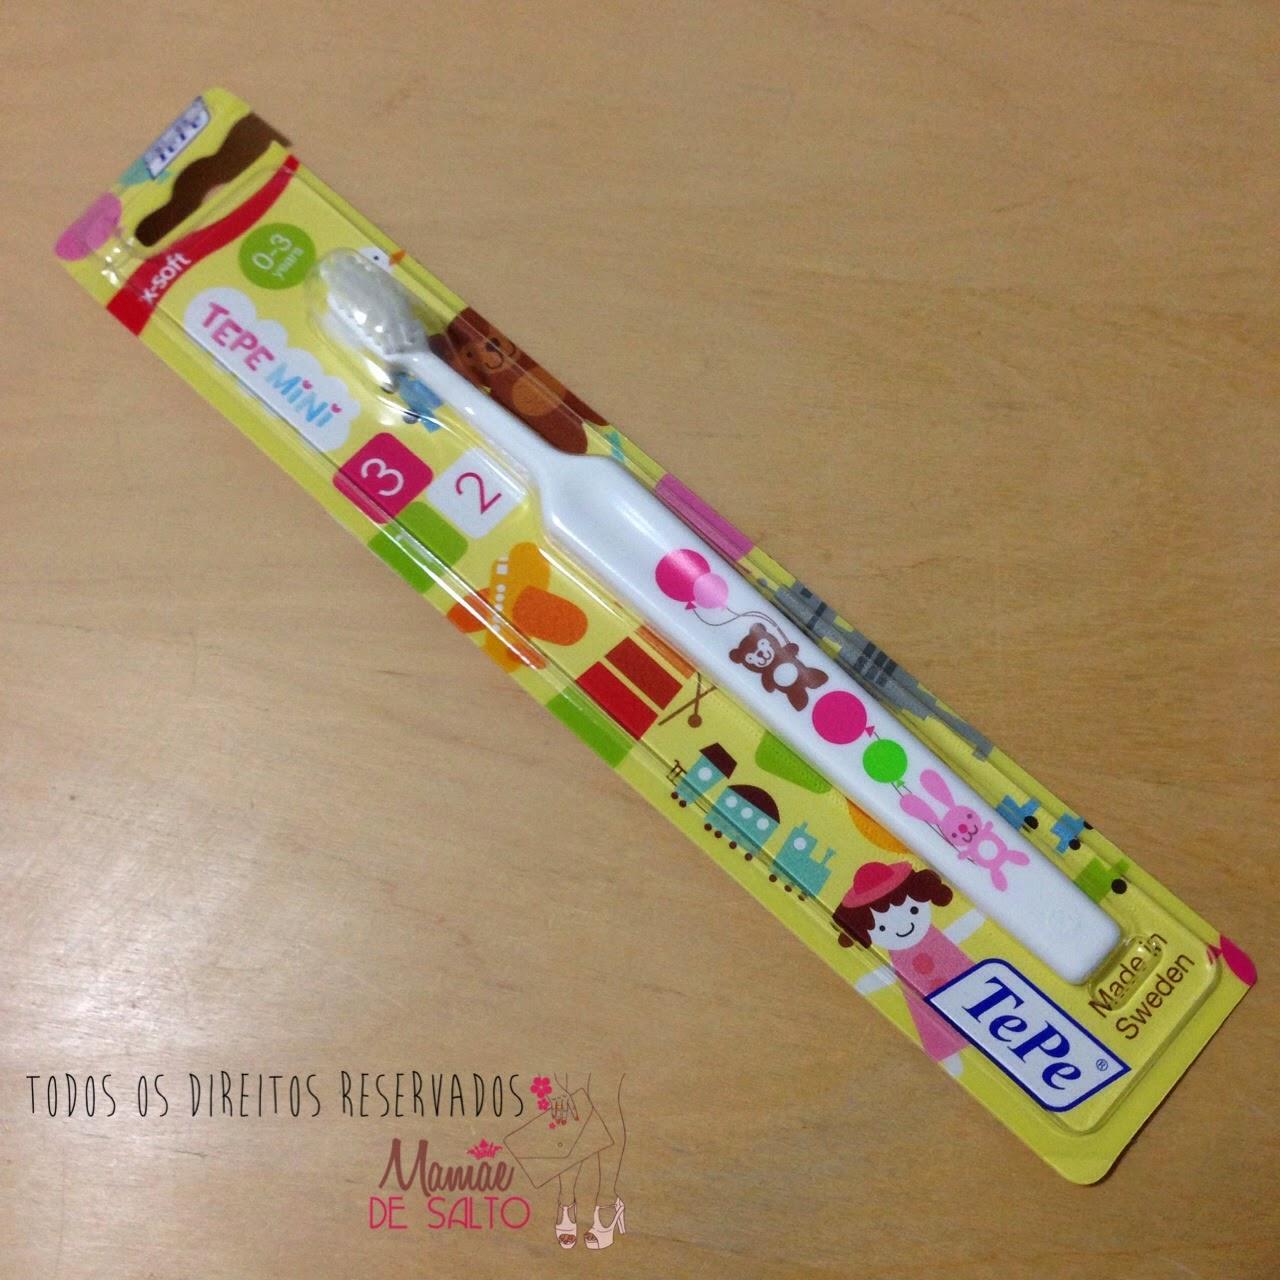 presskit escova de dentes TePe Mini - todos os direitos reservados ao blog Mamãe de Salto